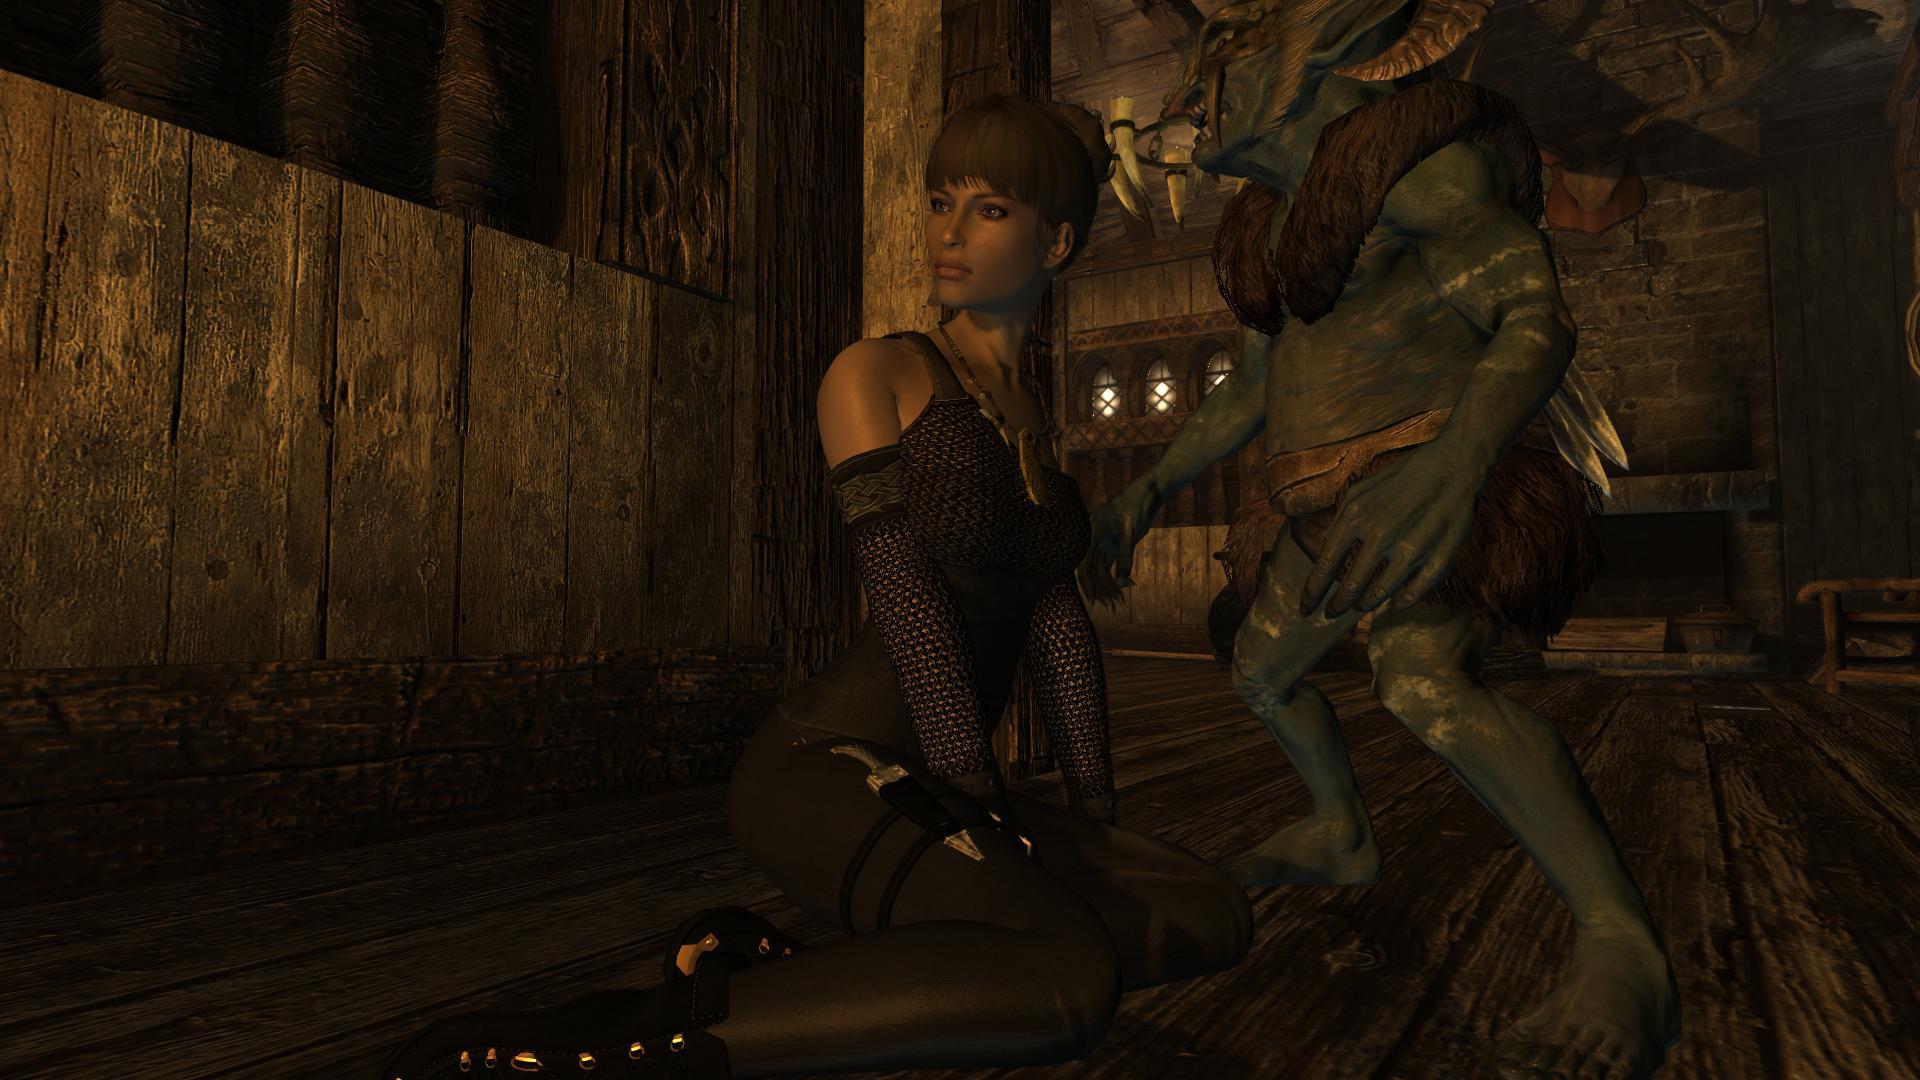 TESV_original 2017-08-19 14-57-50-20.jpg - Elder Scrolls 5: Skyrim, the